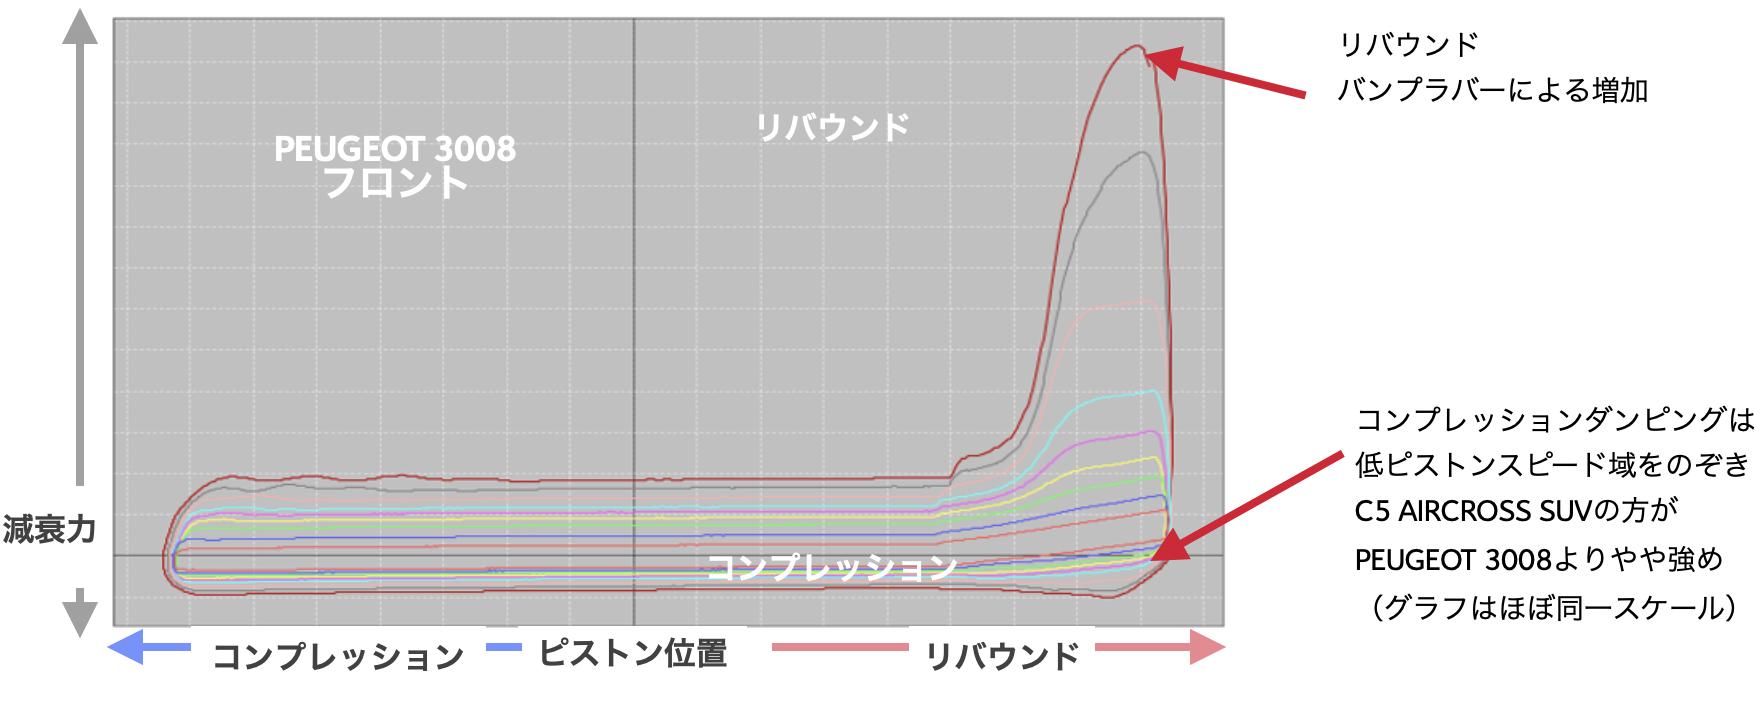 コンプレッションダンピングは 低ピストンスピード域をのぞき C5 AIRCROSS SUVの方が PEUGEOT 3008よりやや強め (グラフはほぼ同一スケール)